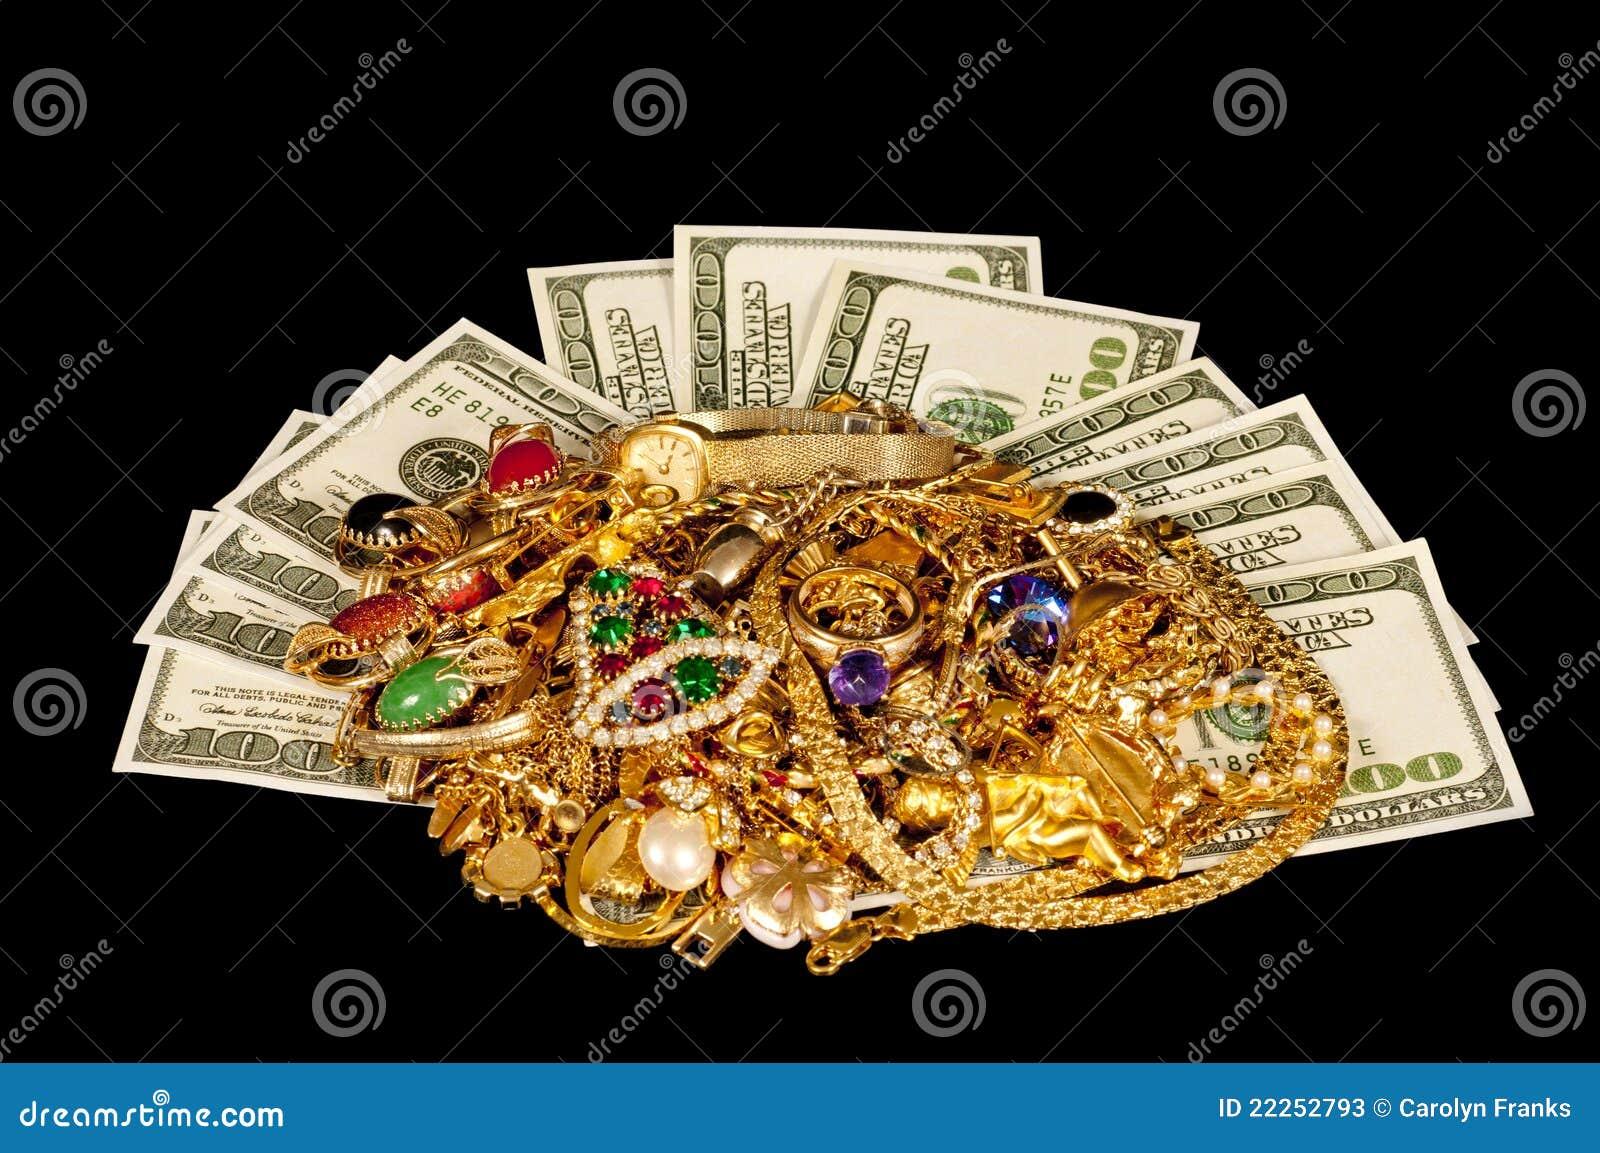 Money And Jewelry Stock Photos Image 22252793